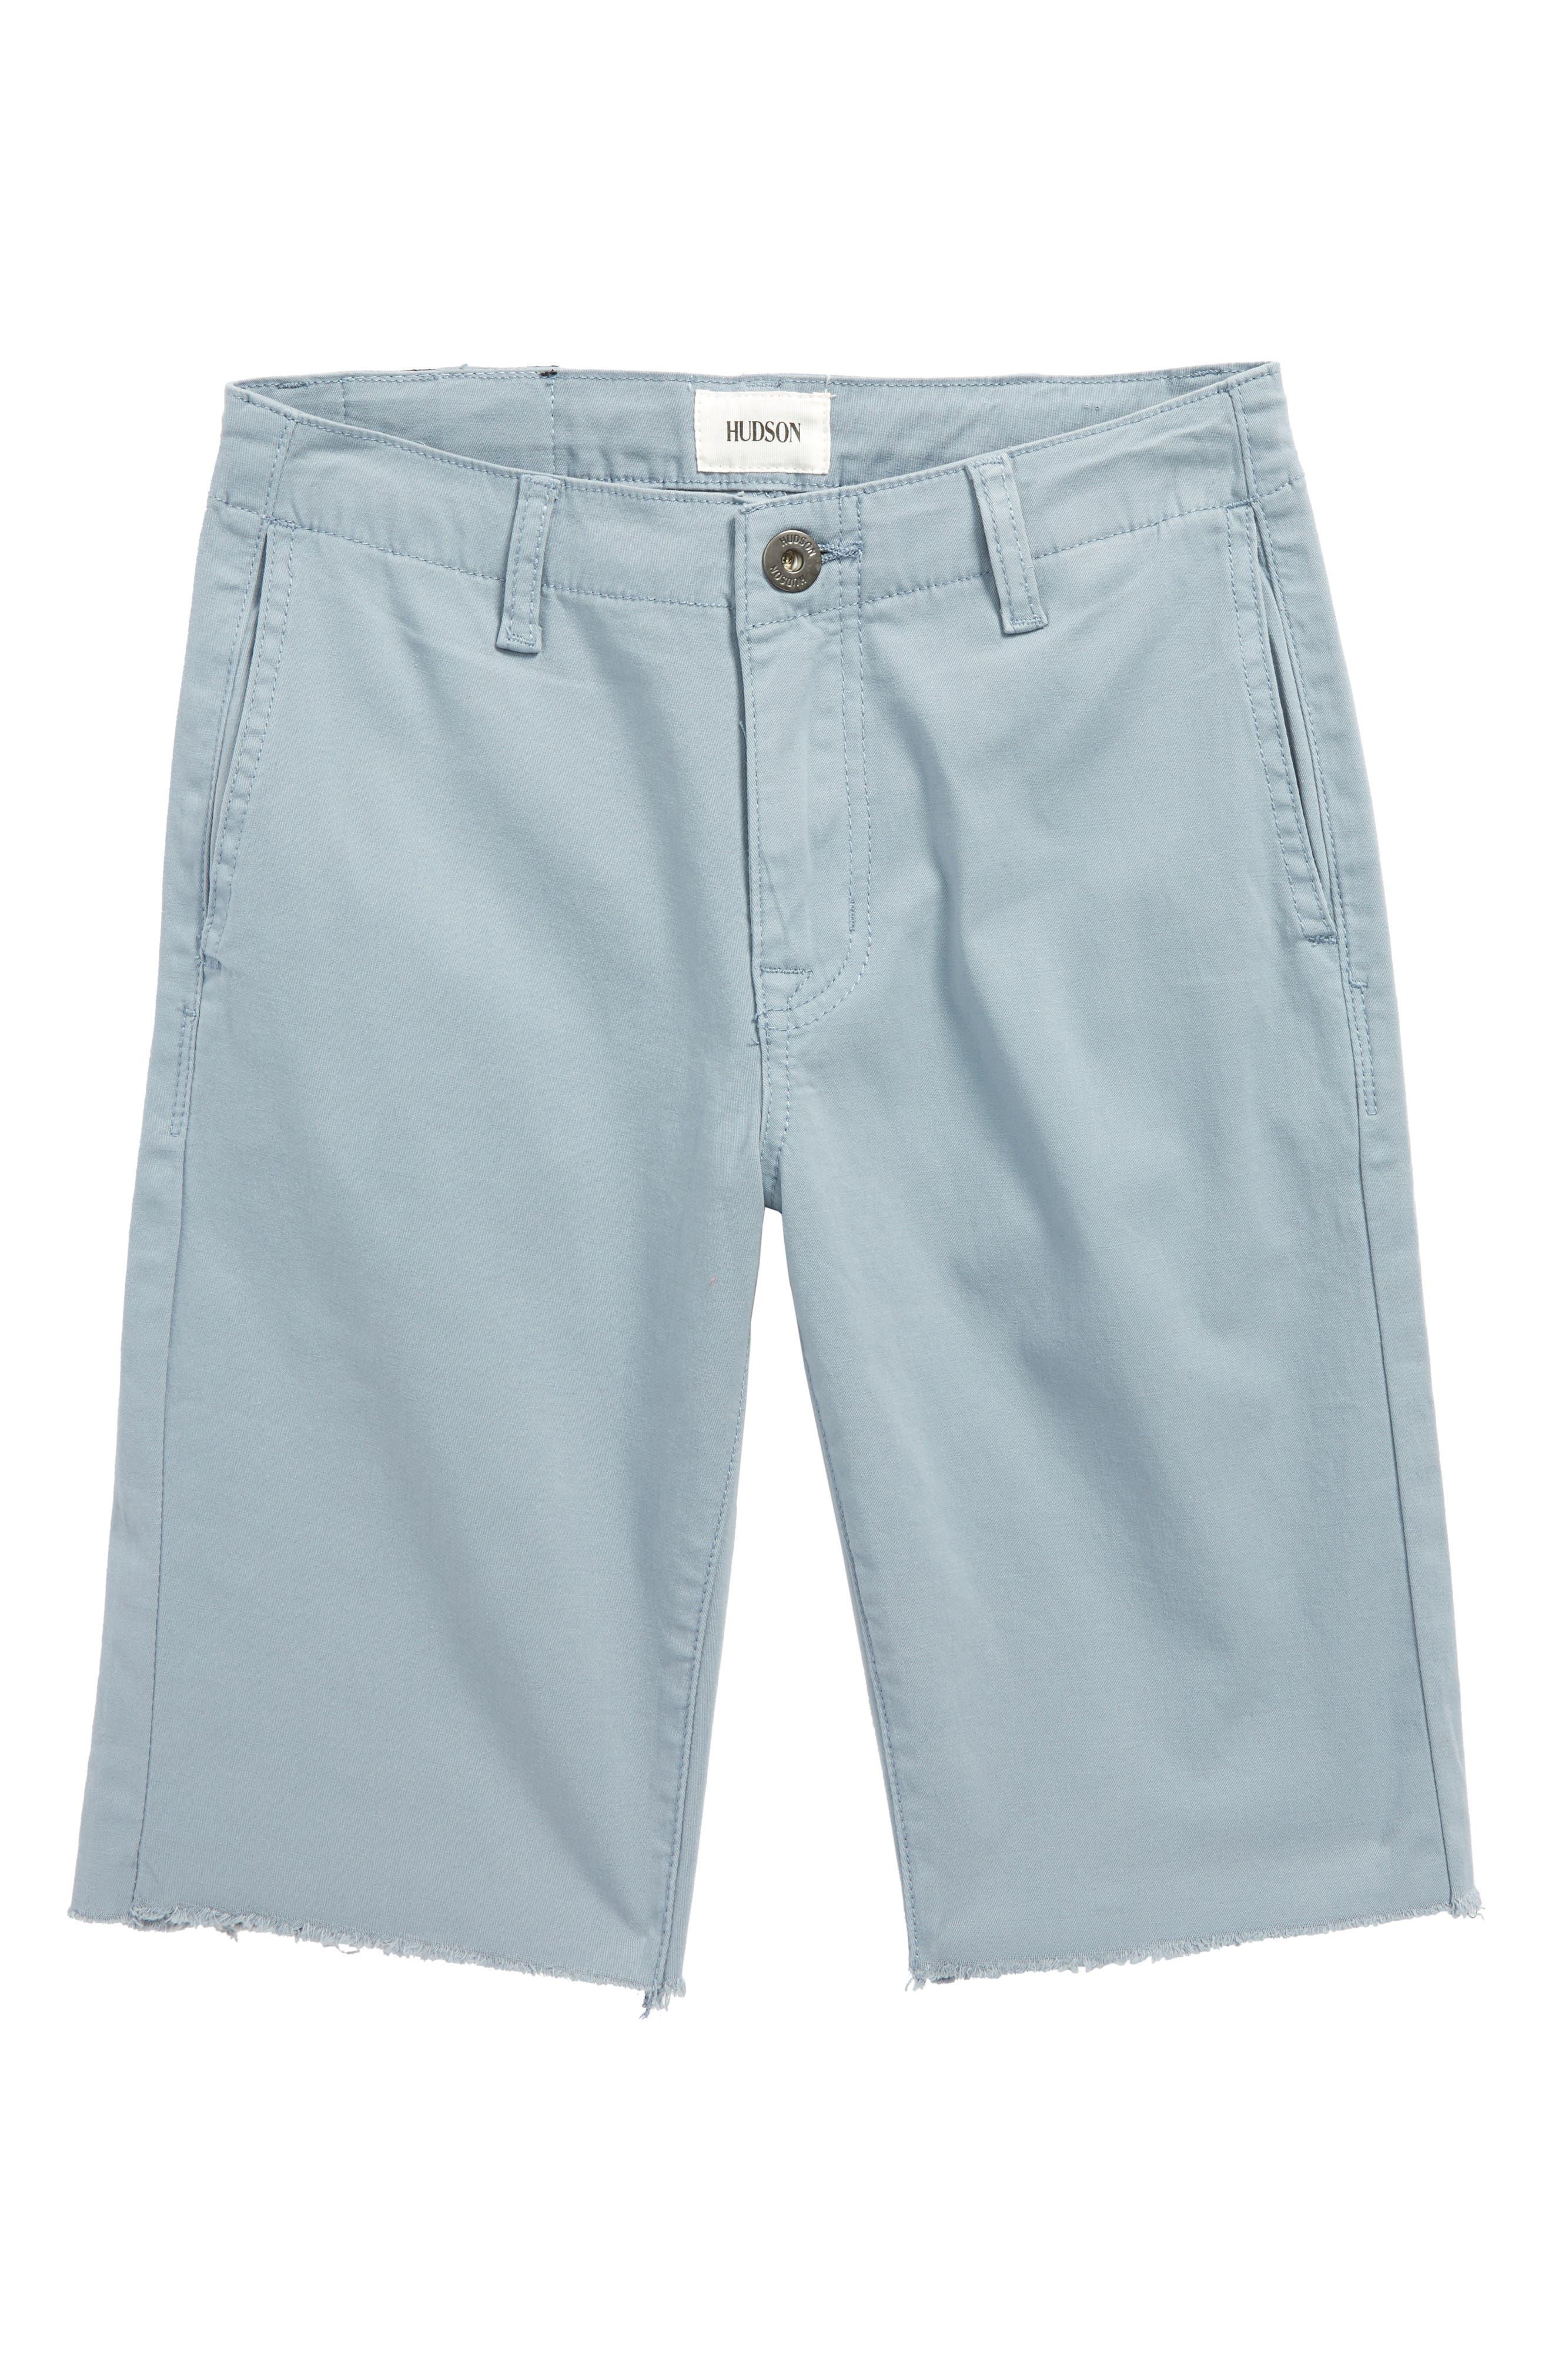 Main Image - Hudson Kids Beach Daze Shorts (Big Boys)